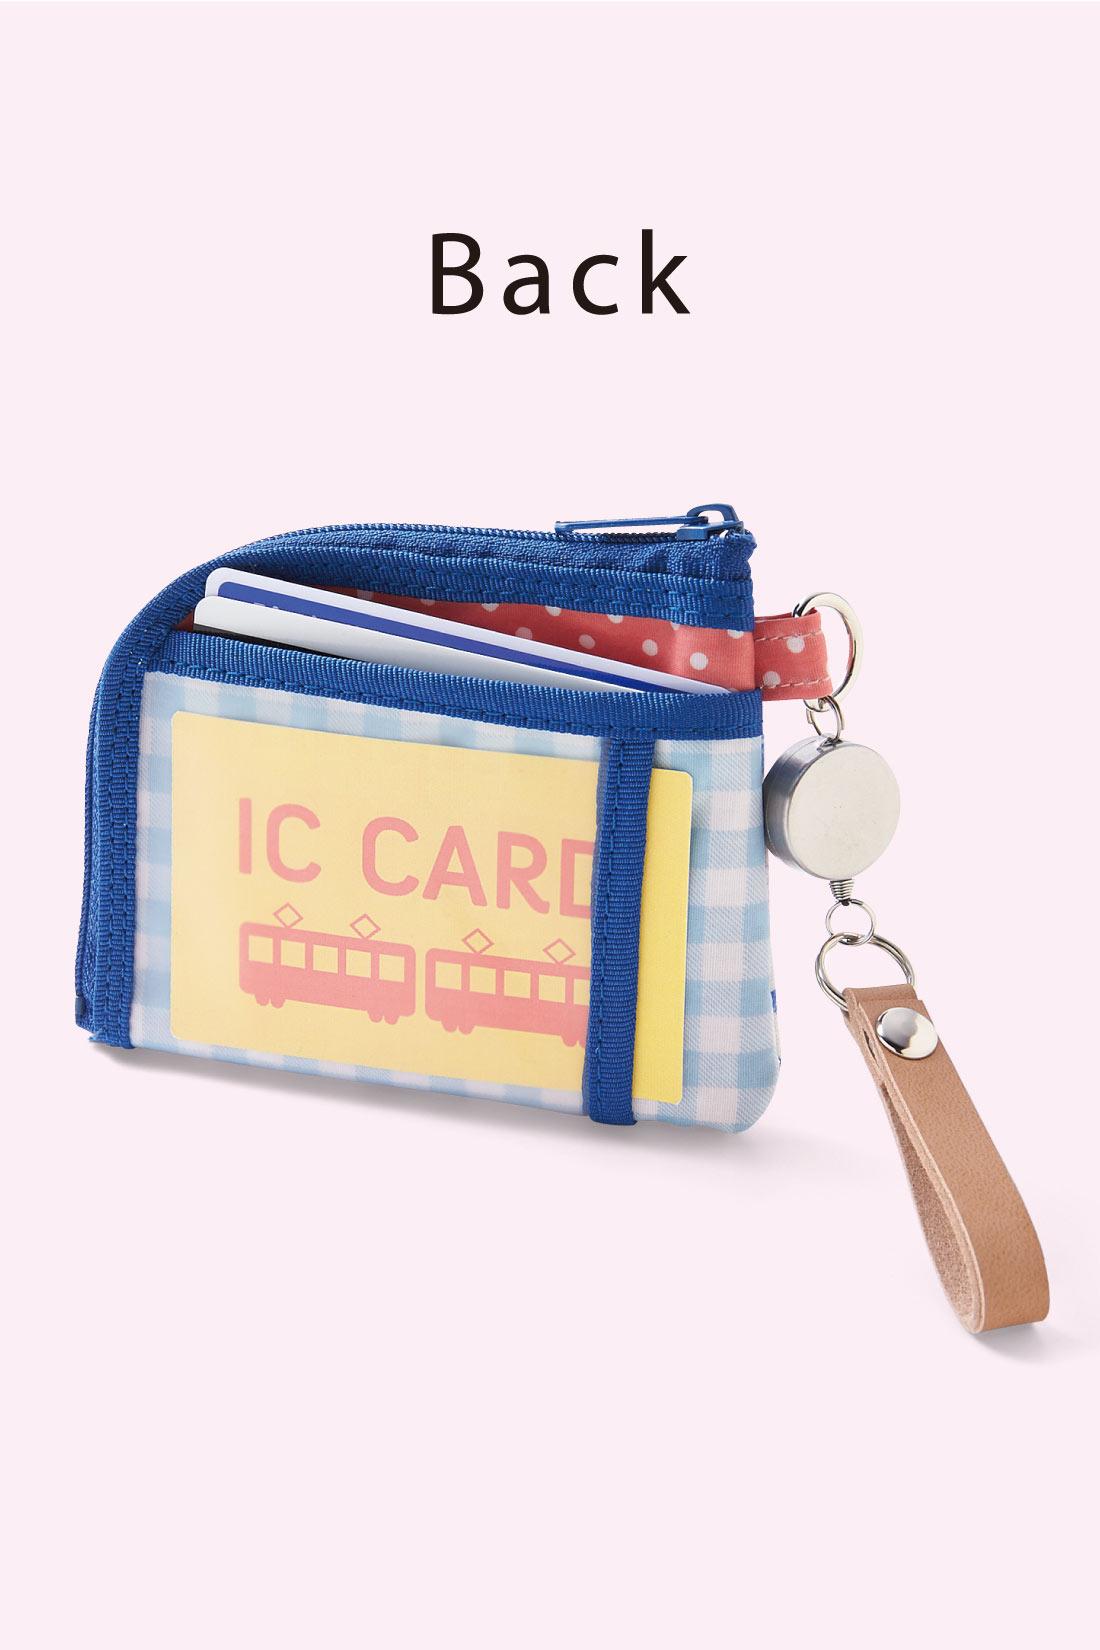 ICカードは後ろの透明ポケットに入れて。